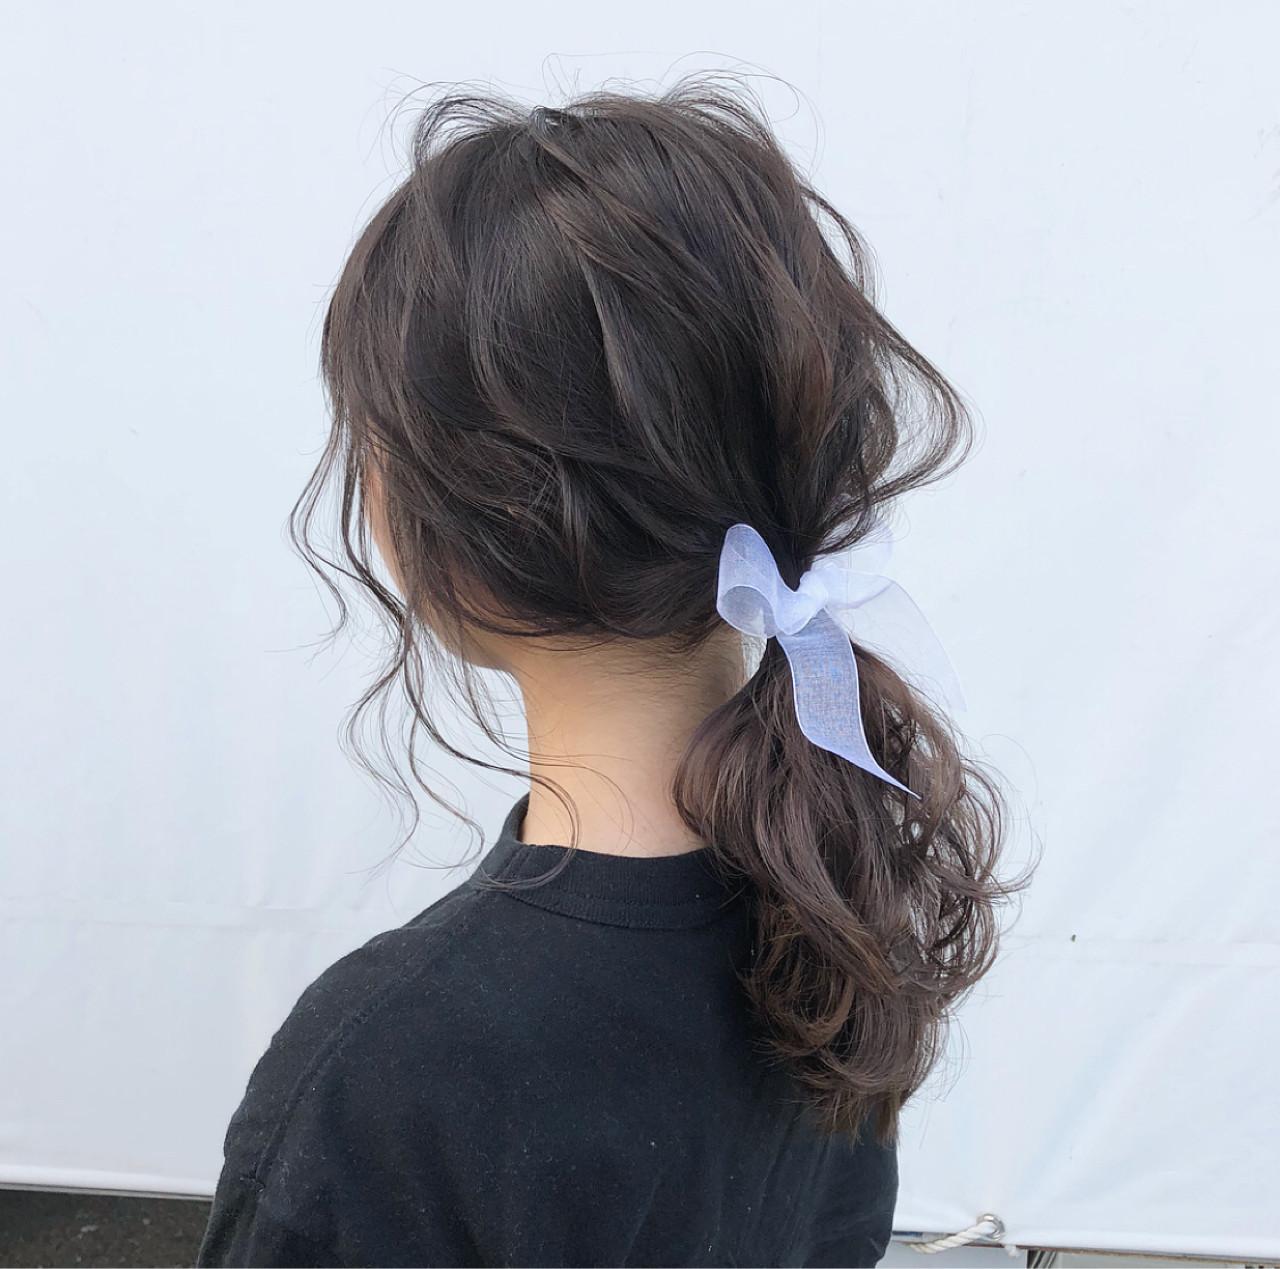 青リボンで清楚に魅せるポニーテール hii.de@✂︎